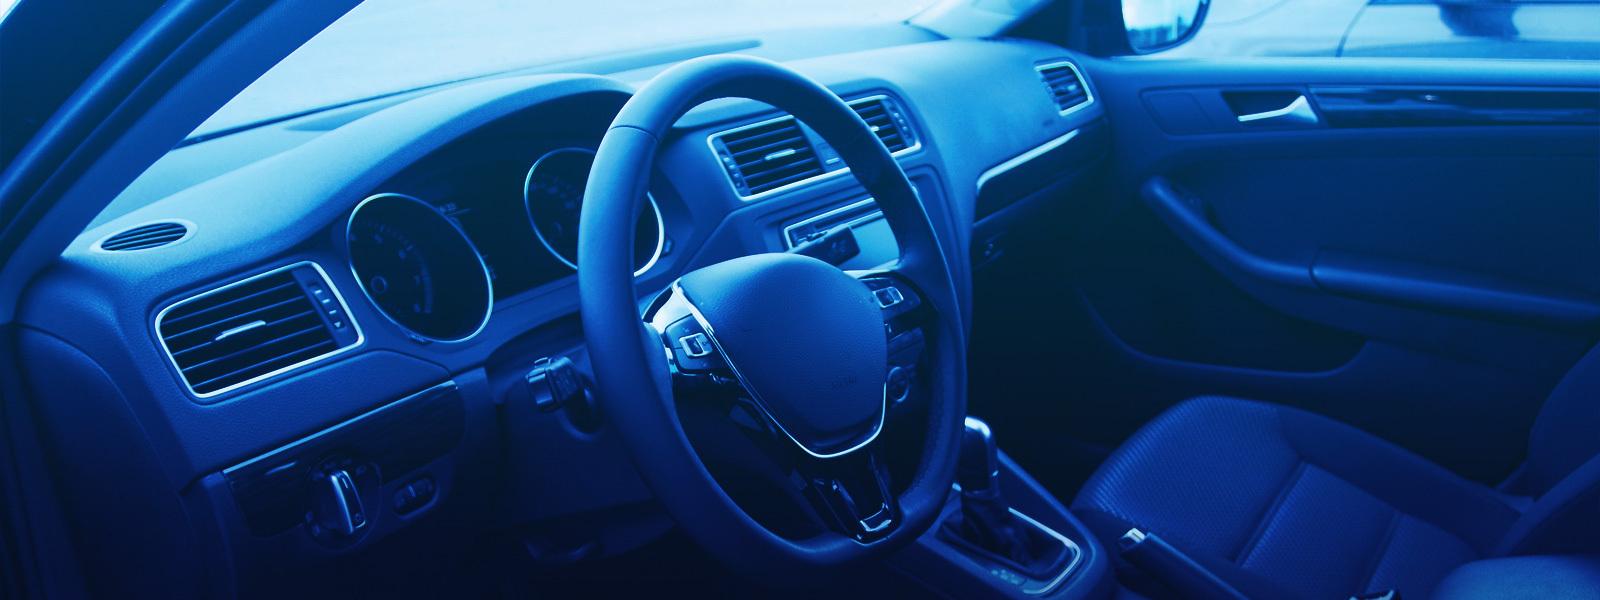 Interior dos carros terá mudanças devido ao novo coronavírus